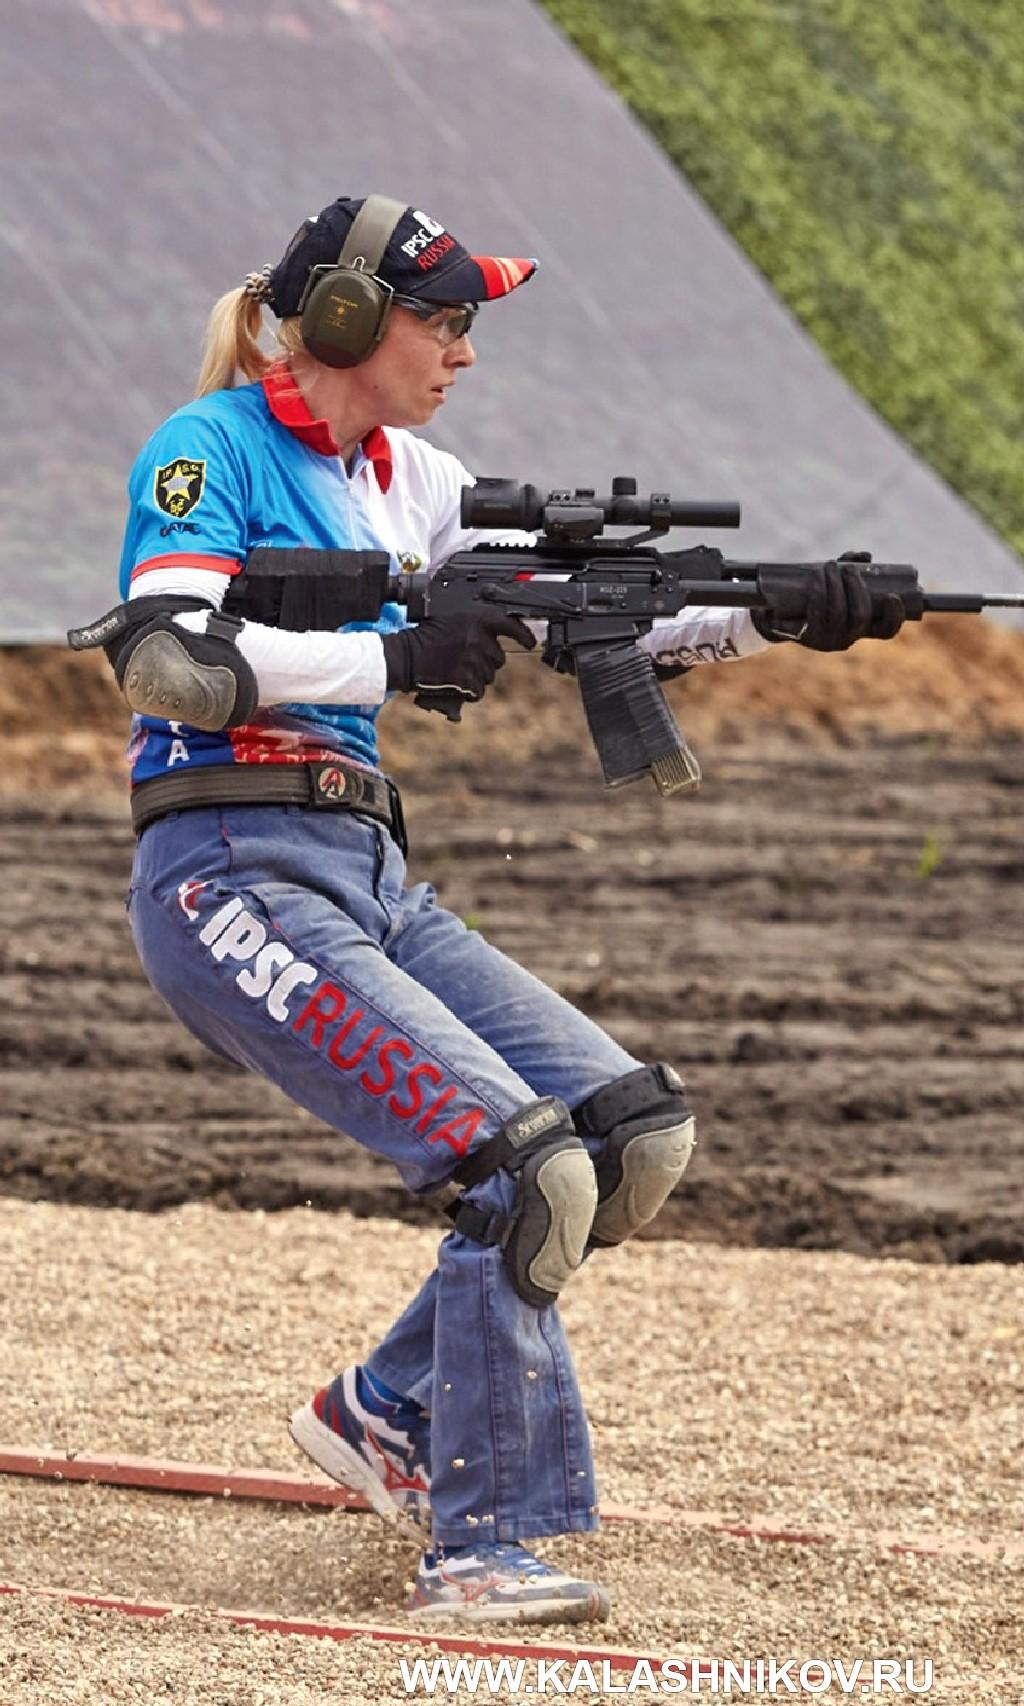 Анастасия Черненко на Чемпионате мира по практической стрельбе изкарабина 2017 г.